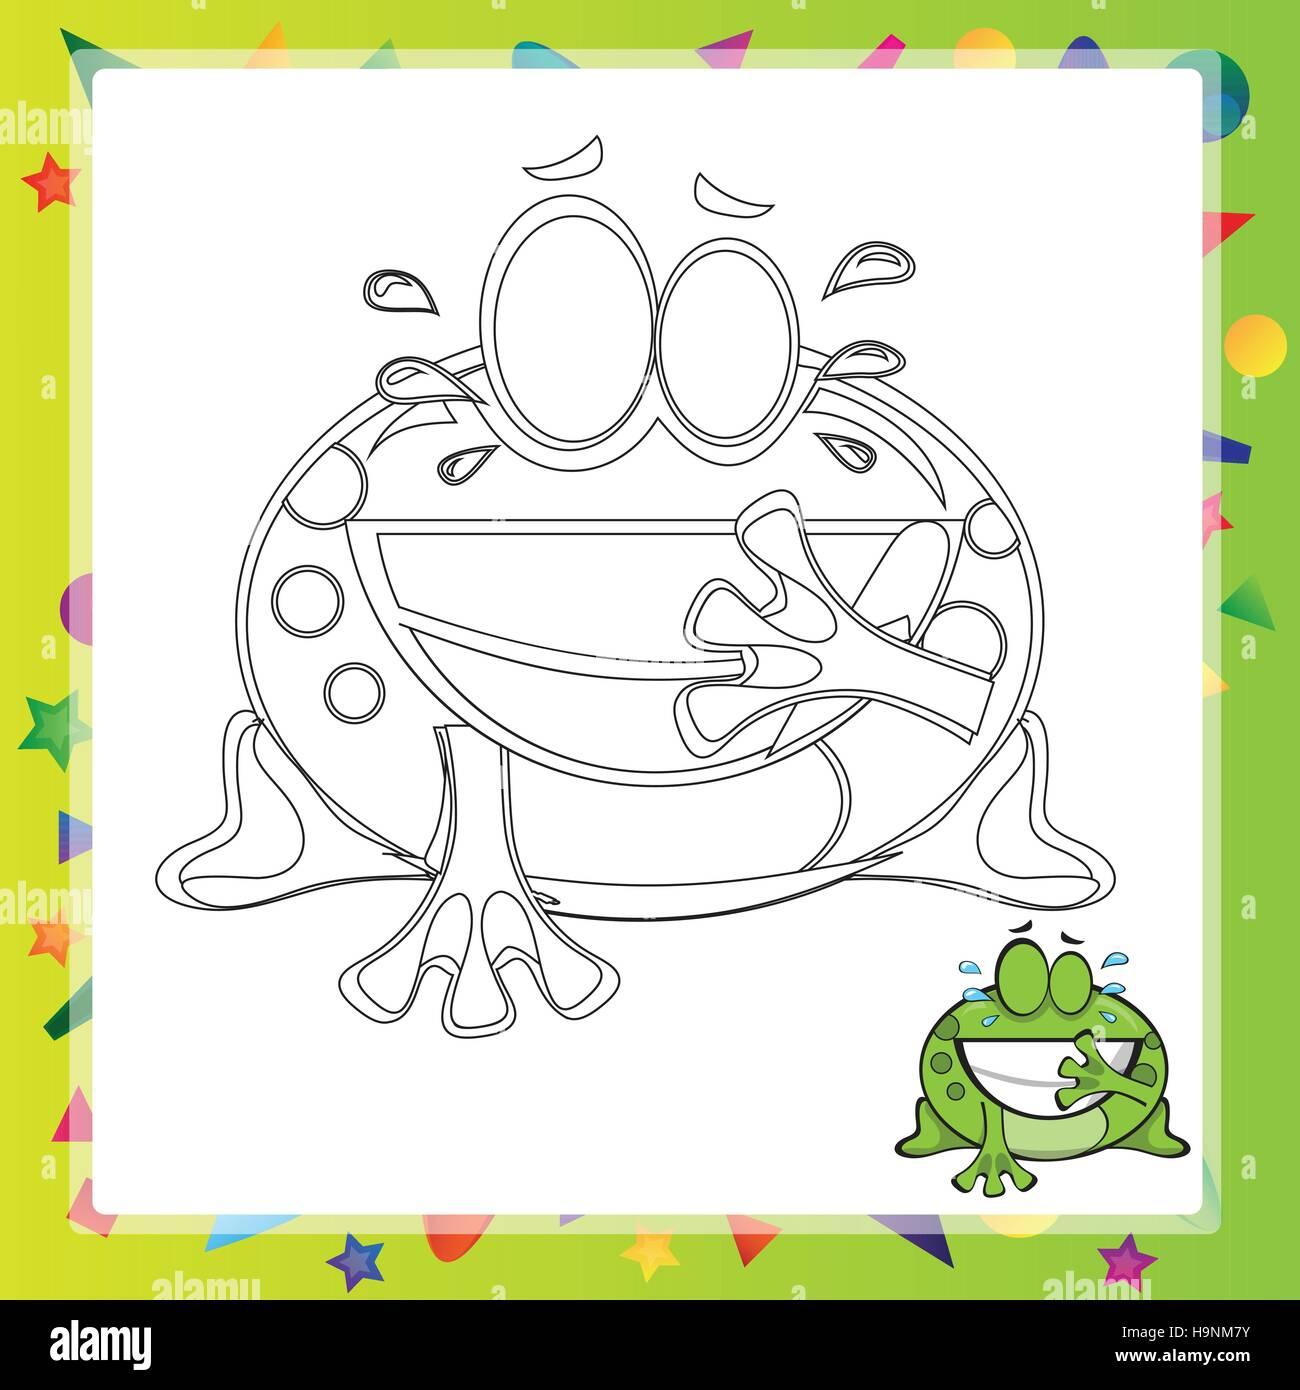 Berühmt Cartoon Frosch Malvorlagen Fotos - Malvorlagen Von Tieren ...